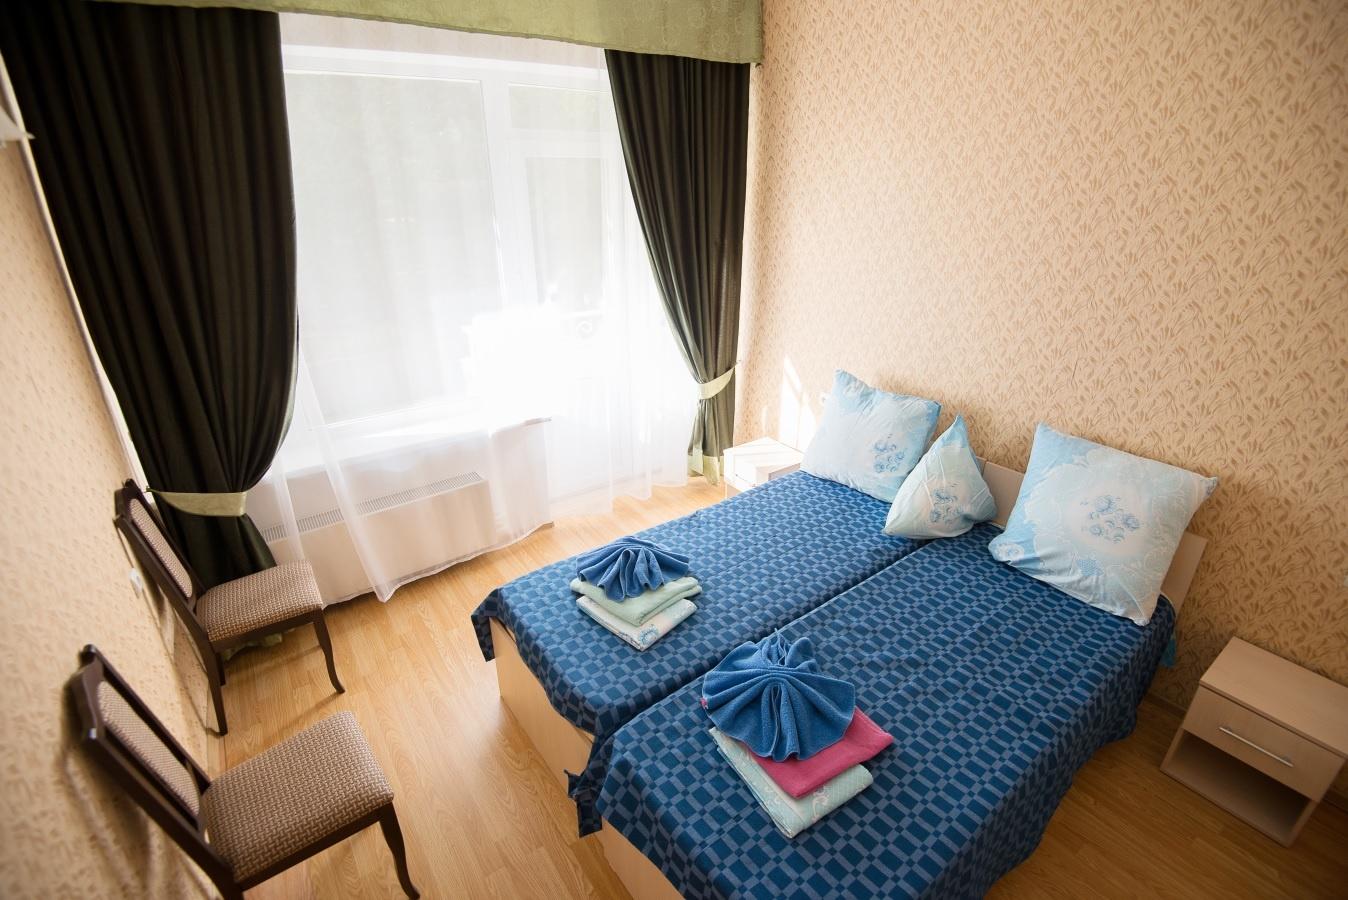 Санаторий «Звенигородский» Московская область Однокомнатный двухместный номер, фото 3